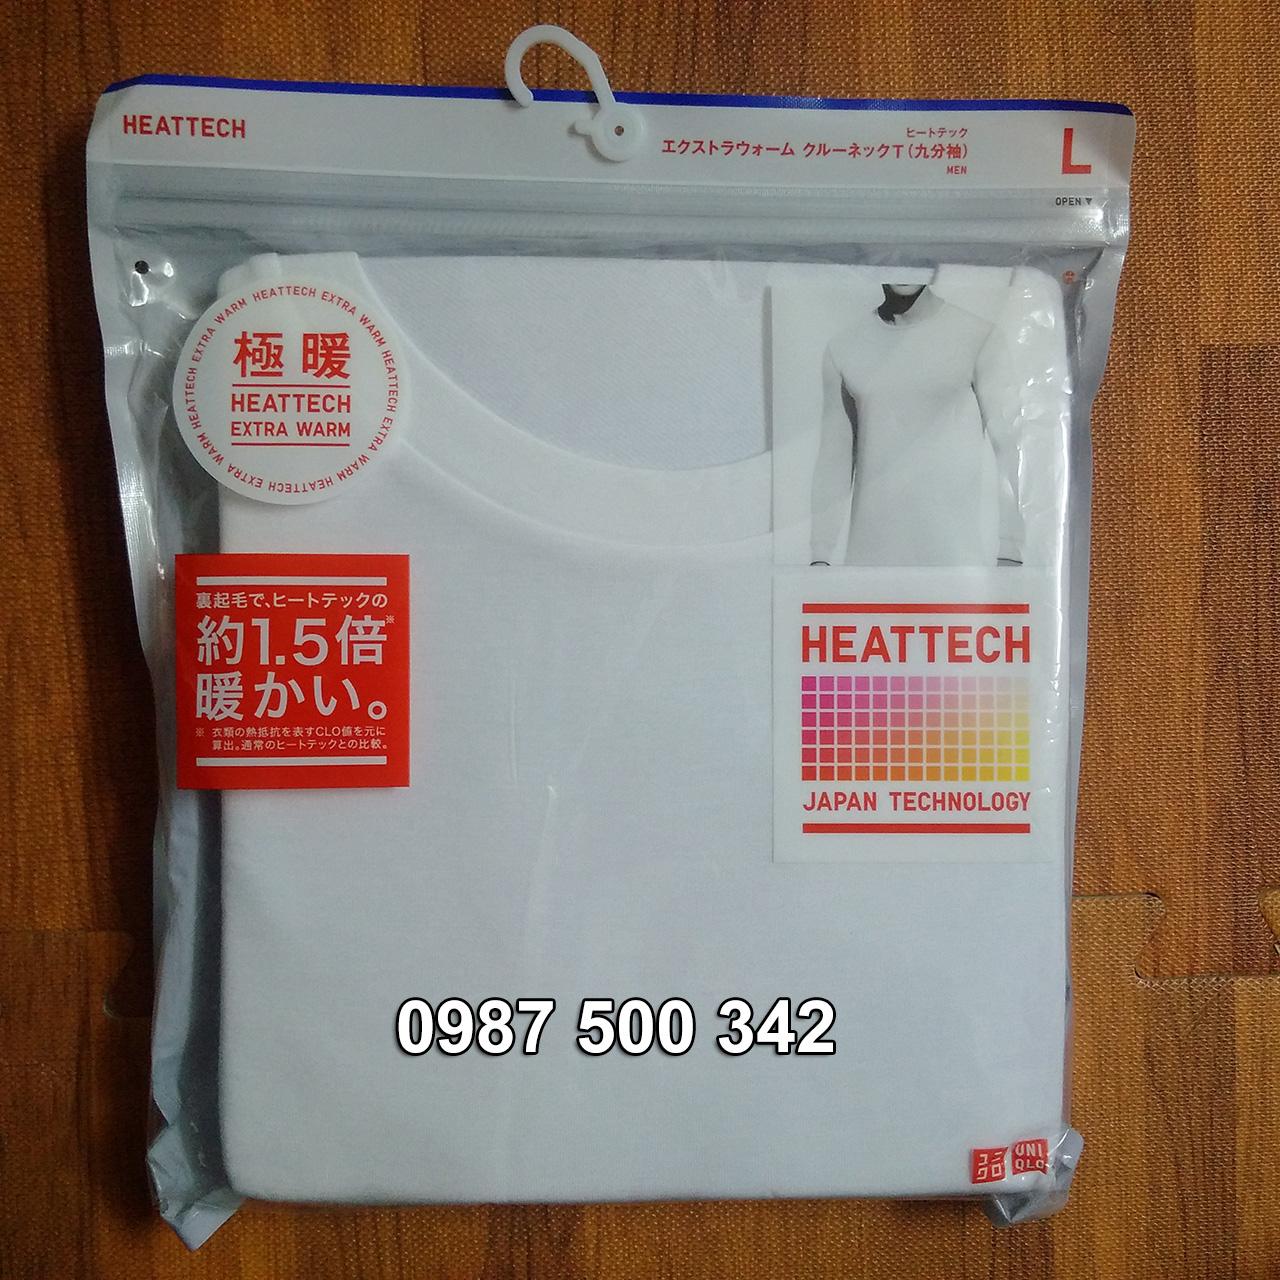 Ảnh thật áo giữ nhiệt nam cổ tròn Heattech Extra Warm màu trắng 00 White